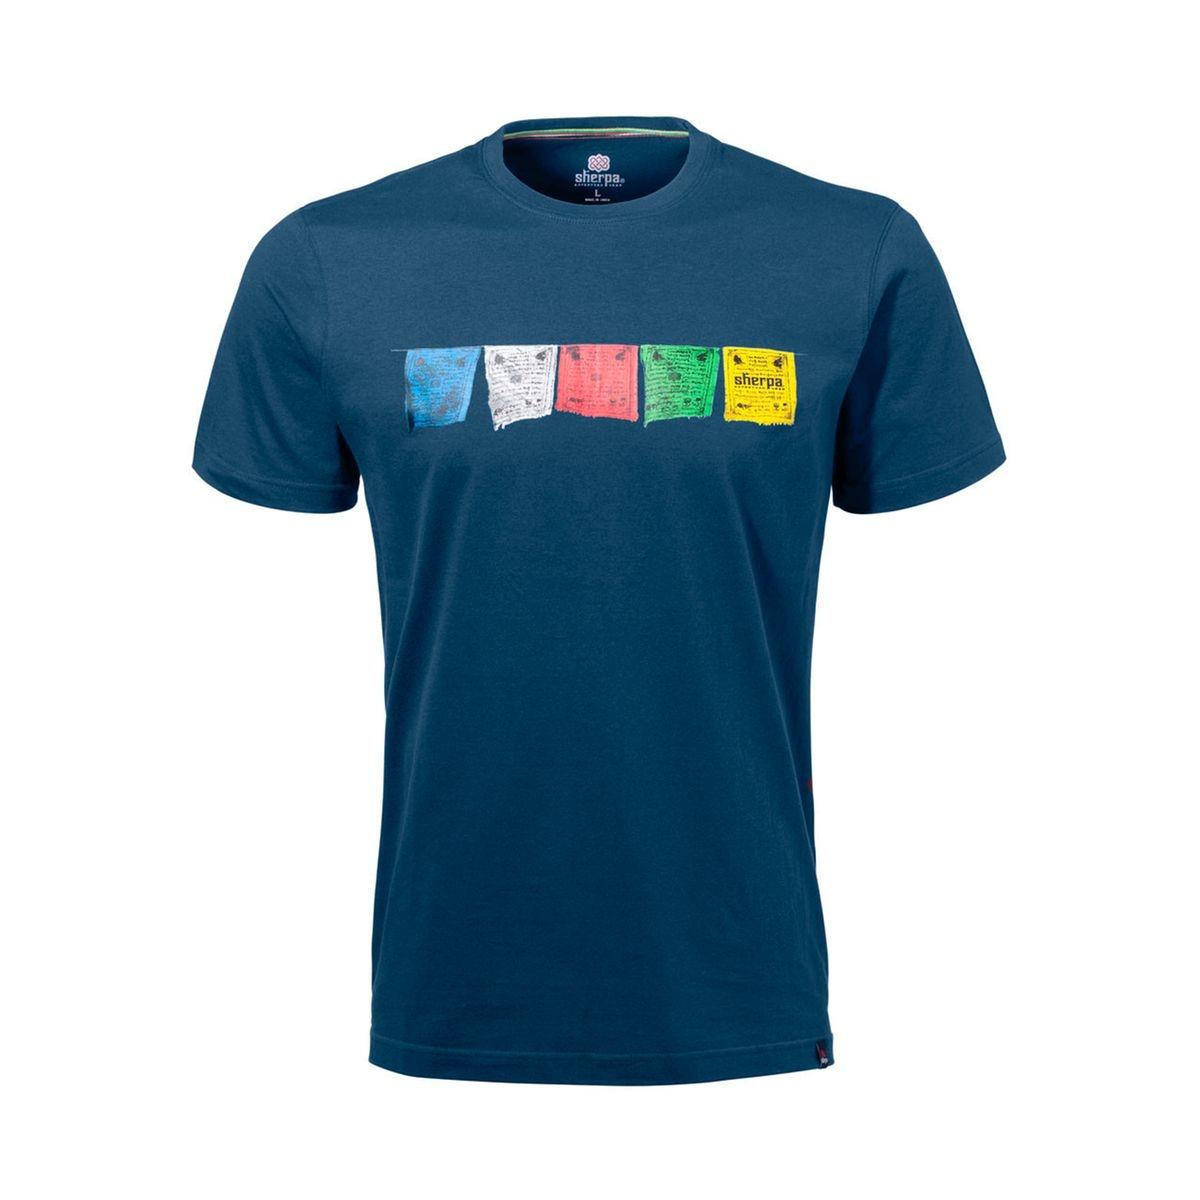 Tarcho - T-shirt manches courtes Homme - bleu